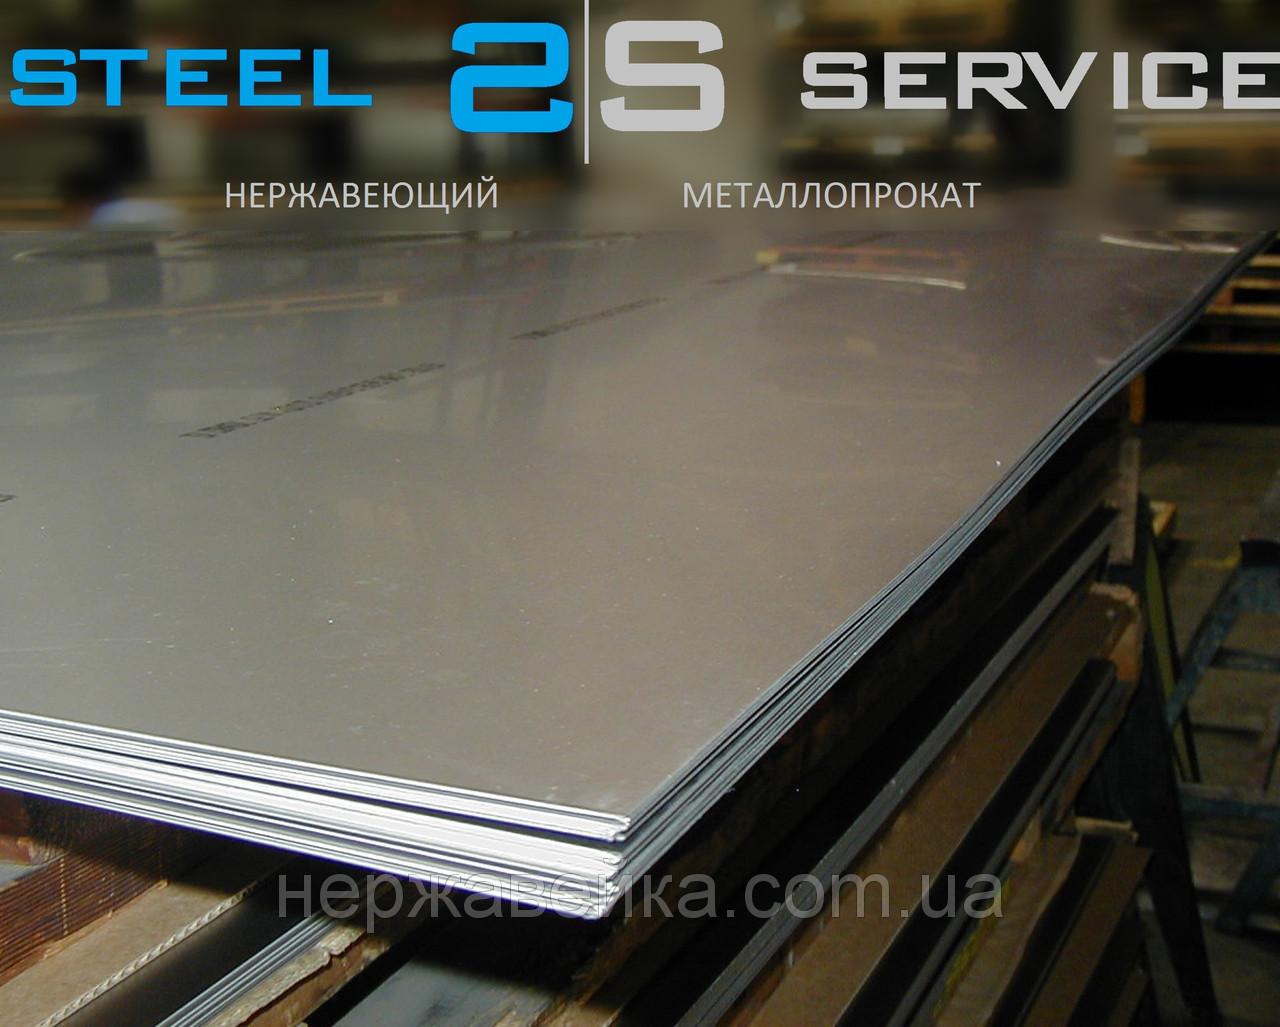 Нержавейка лист 1,5х1250х2500мм  AISI 304(08Х18Н10) 4N - шлифованный,  пищевой